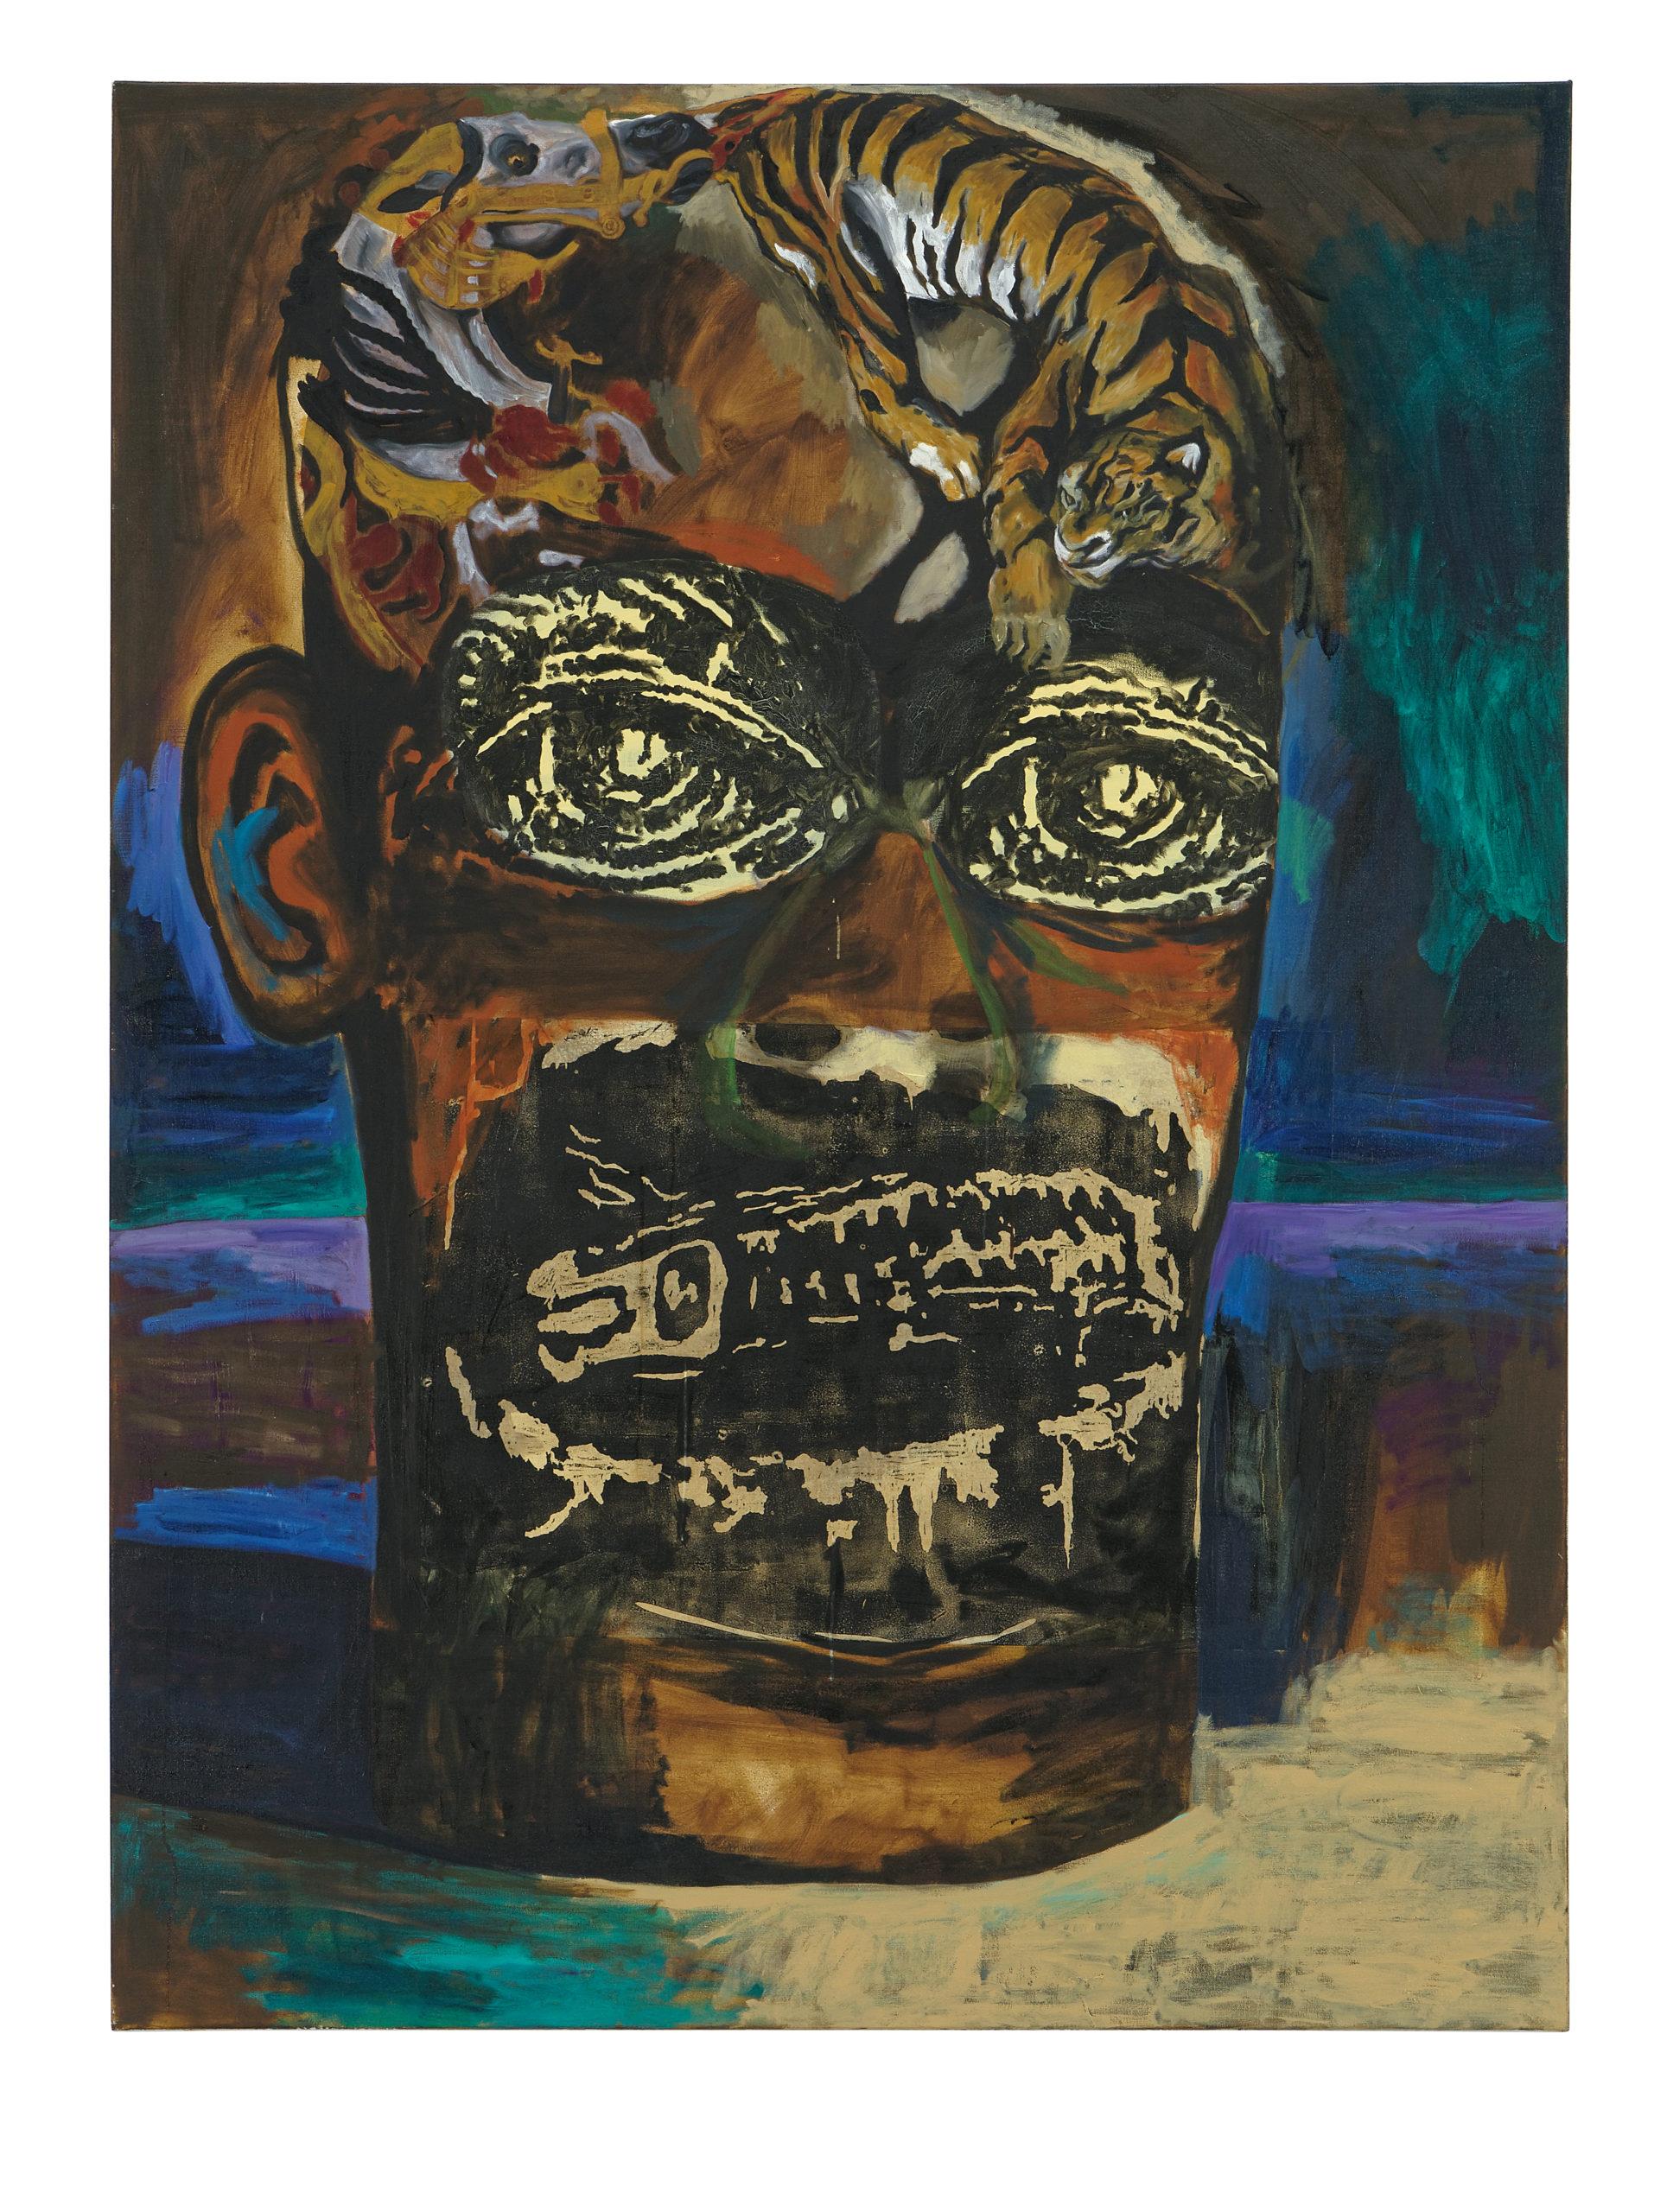 Damien Deroubaix, Peintre (Delacroix), 2017, huile et collage sur toile, 200 x 150 cm, © Blaise Adilon, MAMC+ Saint-Etienne : Adagp, Paris, 2020, courtesy de l'artiste et galerie In Situ – fabienne leclerc, Grand Paris